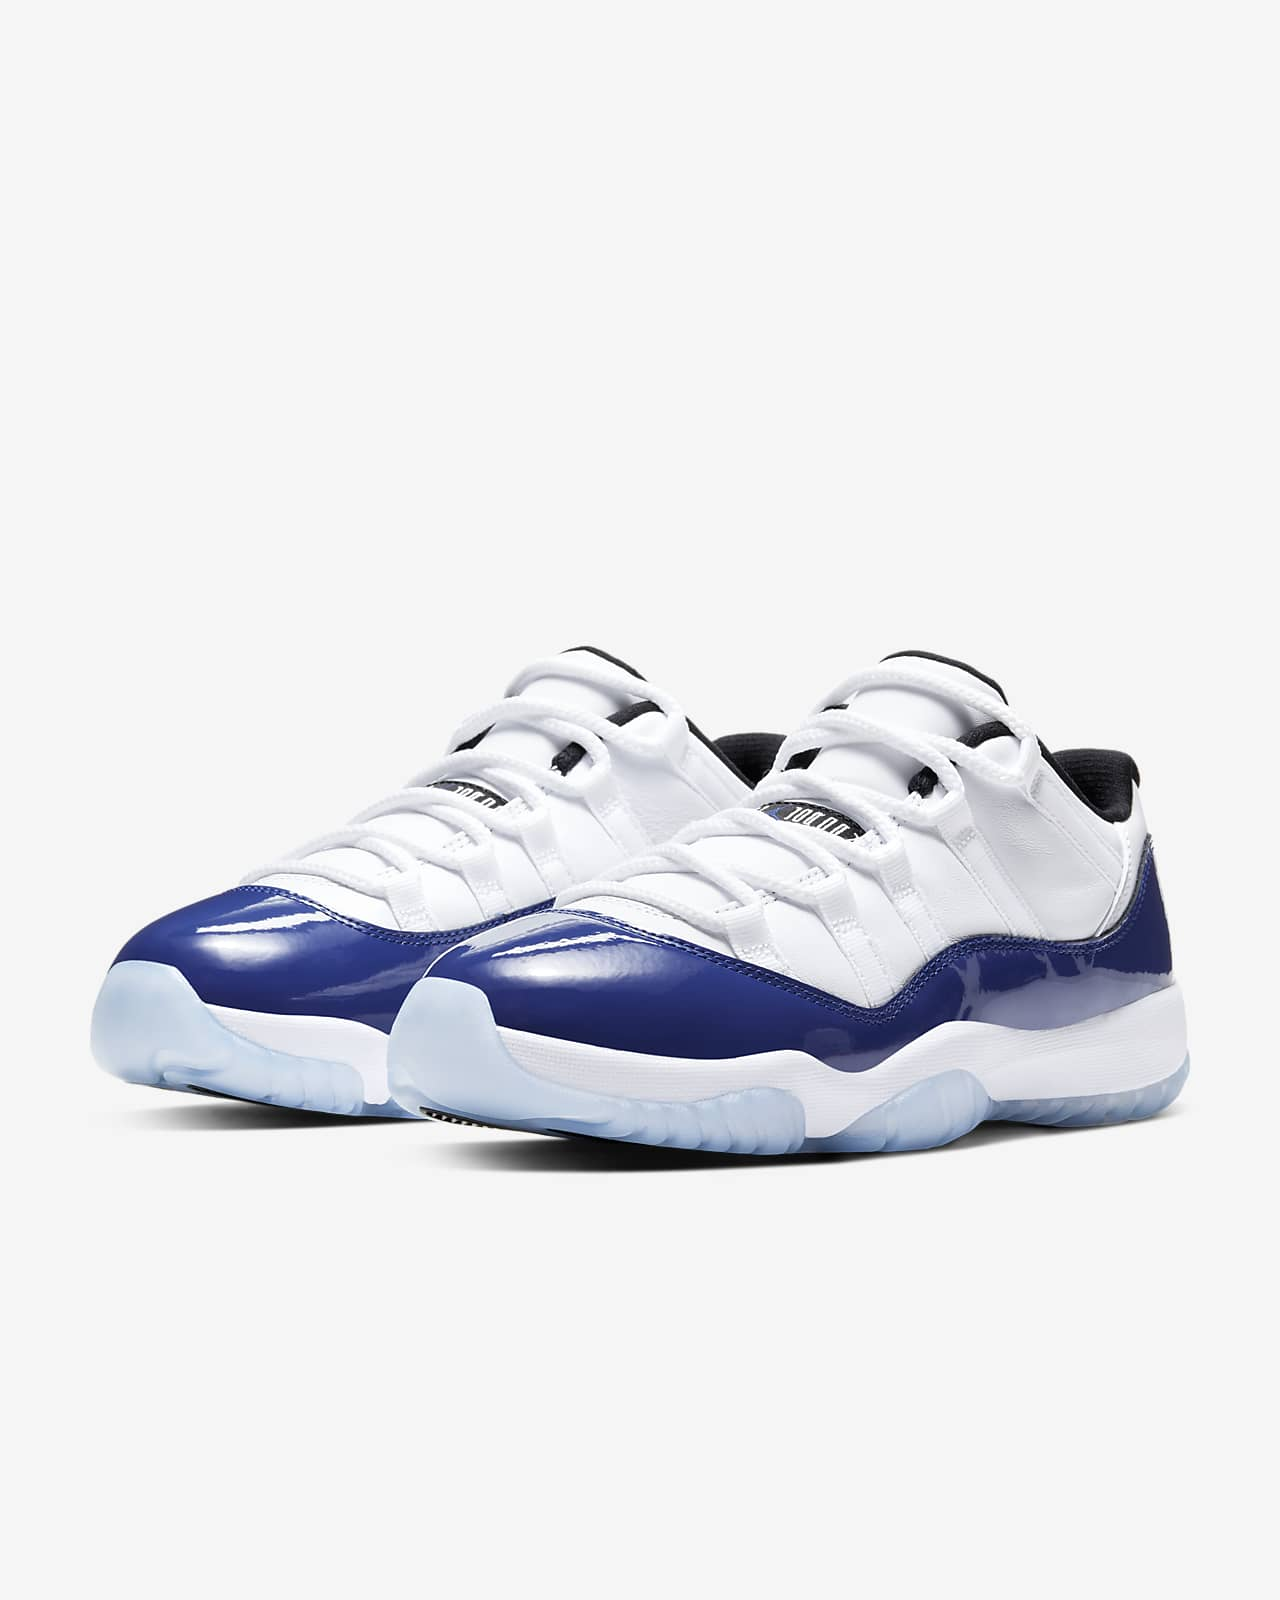 Air Jordan 11 Retro Low Women's Shoes